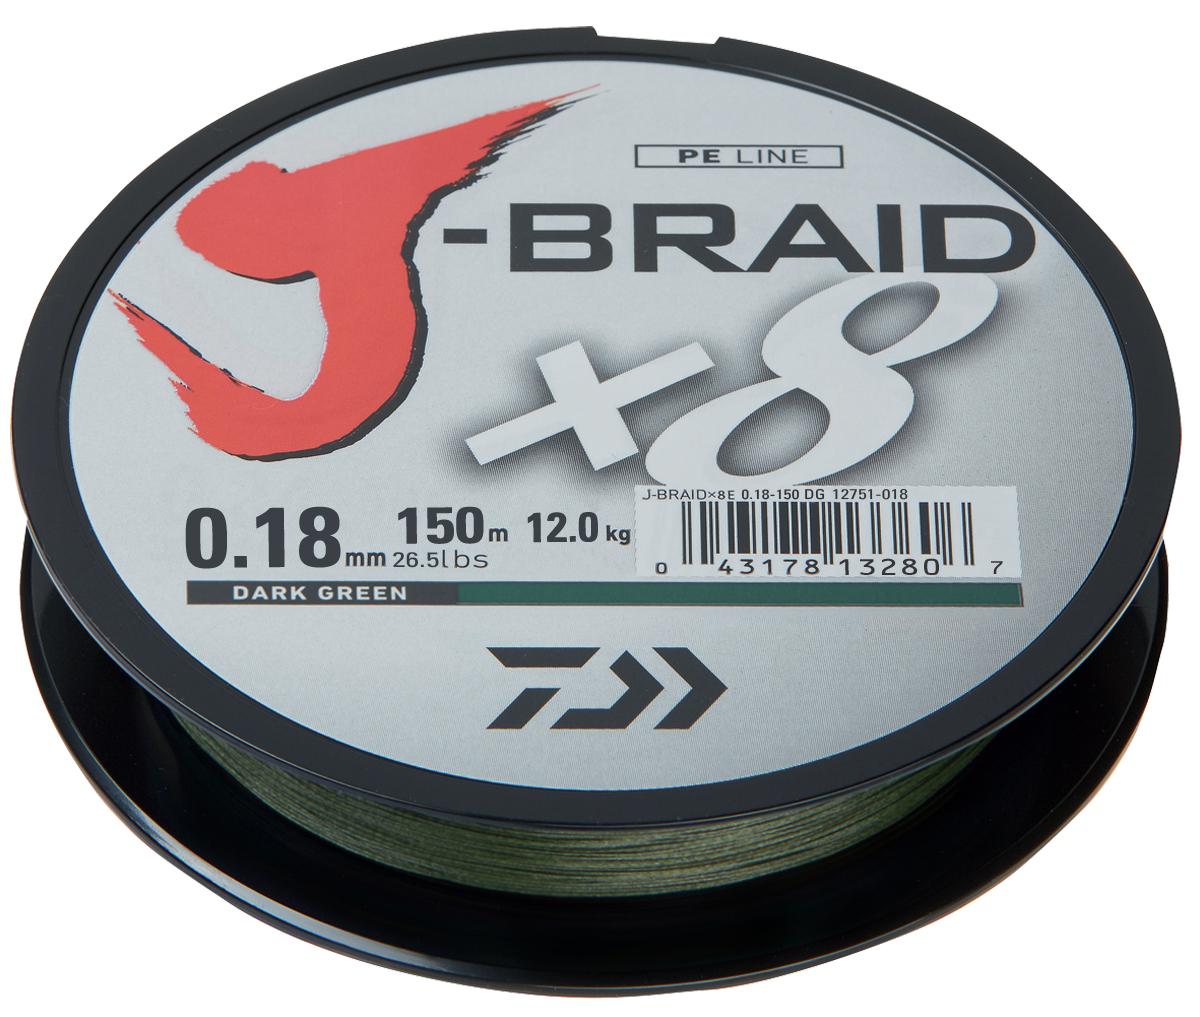 Шнур плетеный Daiwa J-Braid X8, цвет: зеленый, 150 м, 0,18 мм61102J-Braid от DAIWA - исключительный шнур с плетением в 8 нитей. Он полностью удовлетворяетвсем требованиям, предъявляемым высококачественным плетеным шнурам. Неважно,собрались ли вы ловить крупных морских хищников, как палтус, треска или сайда, или окуня исудака, с вашим новым J-Braid вы всегда контролируете рыбу.J-Braid предлагает соответствующий диаметр для любых техник ловли: море, река или озеро- невероятно прочный и надежный. J-Braid скользит через кольца, обеспечивая дальний иточный заброс даже самых легких приманок.Идеален для спиннинговых и бейткастинговых катушек!Невероятное соотношение цены и качества!